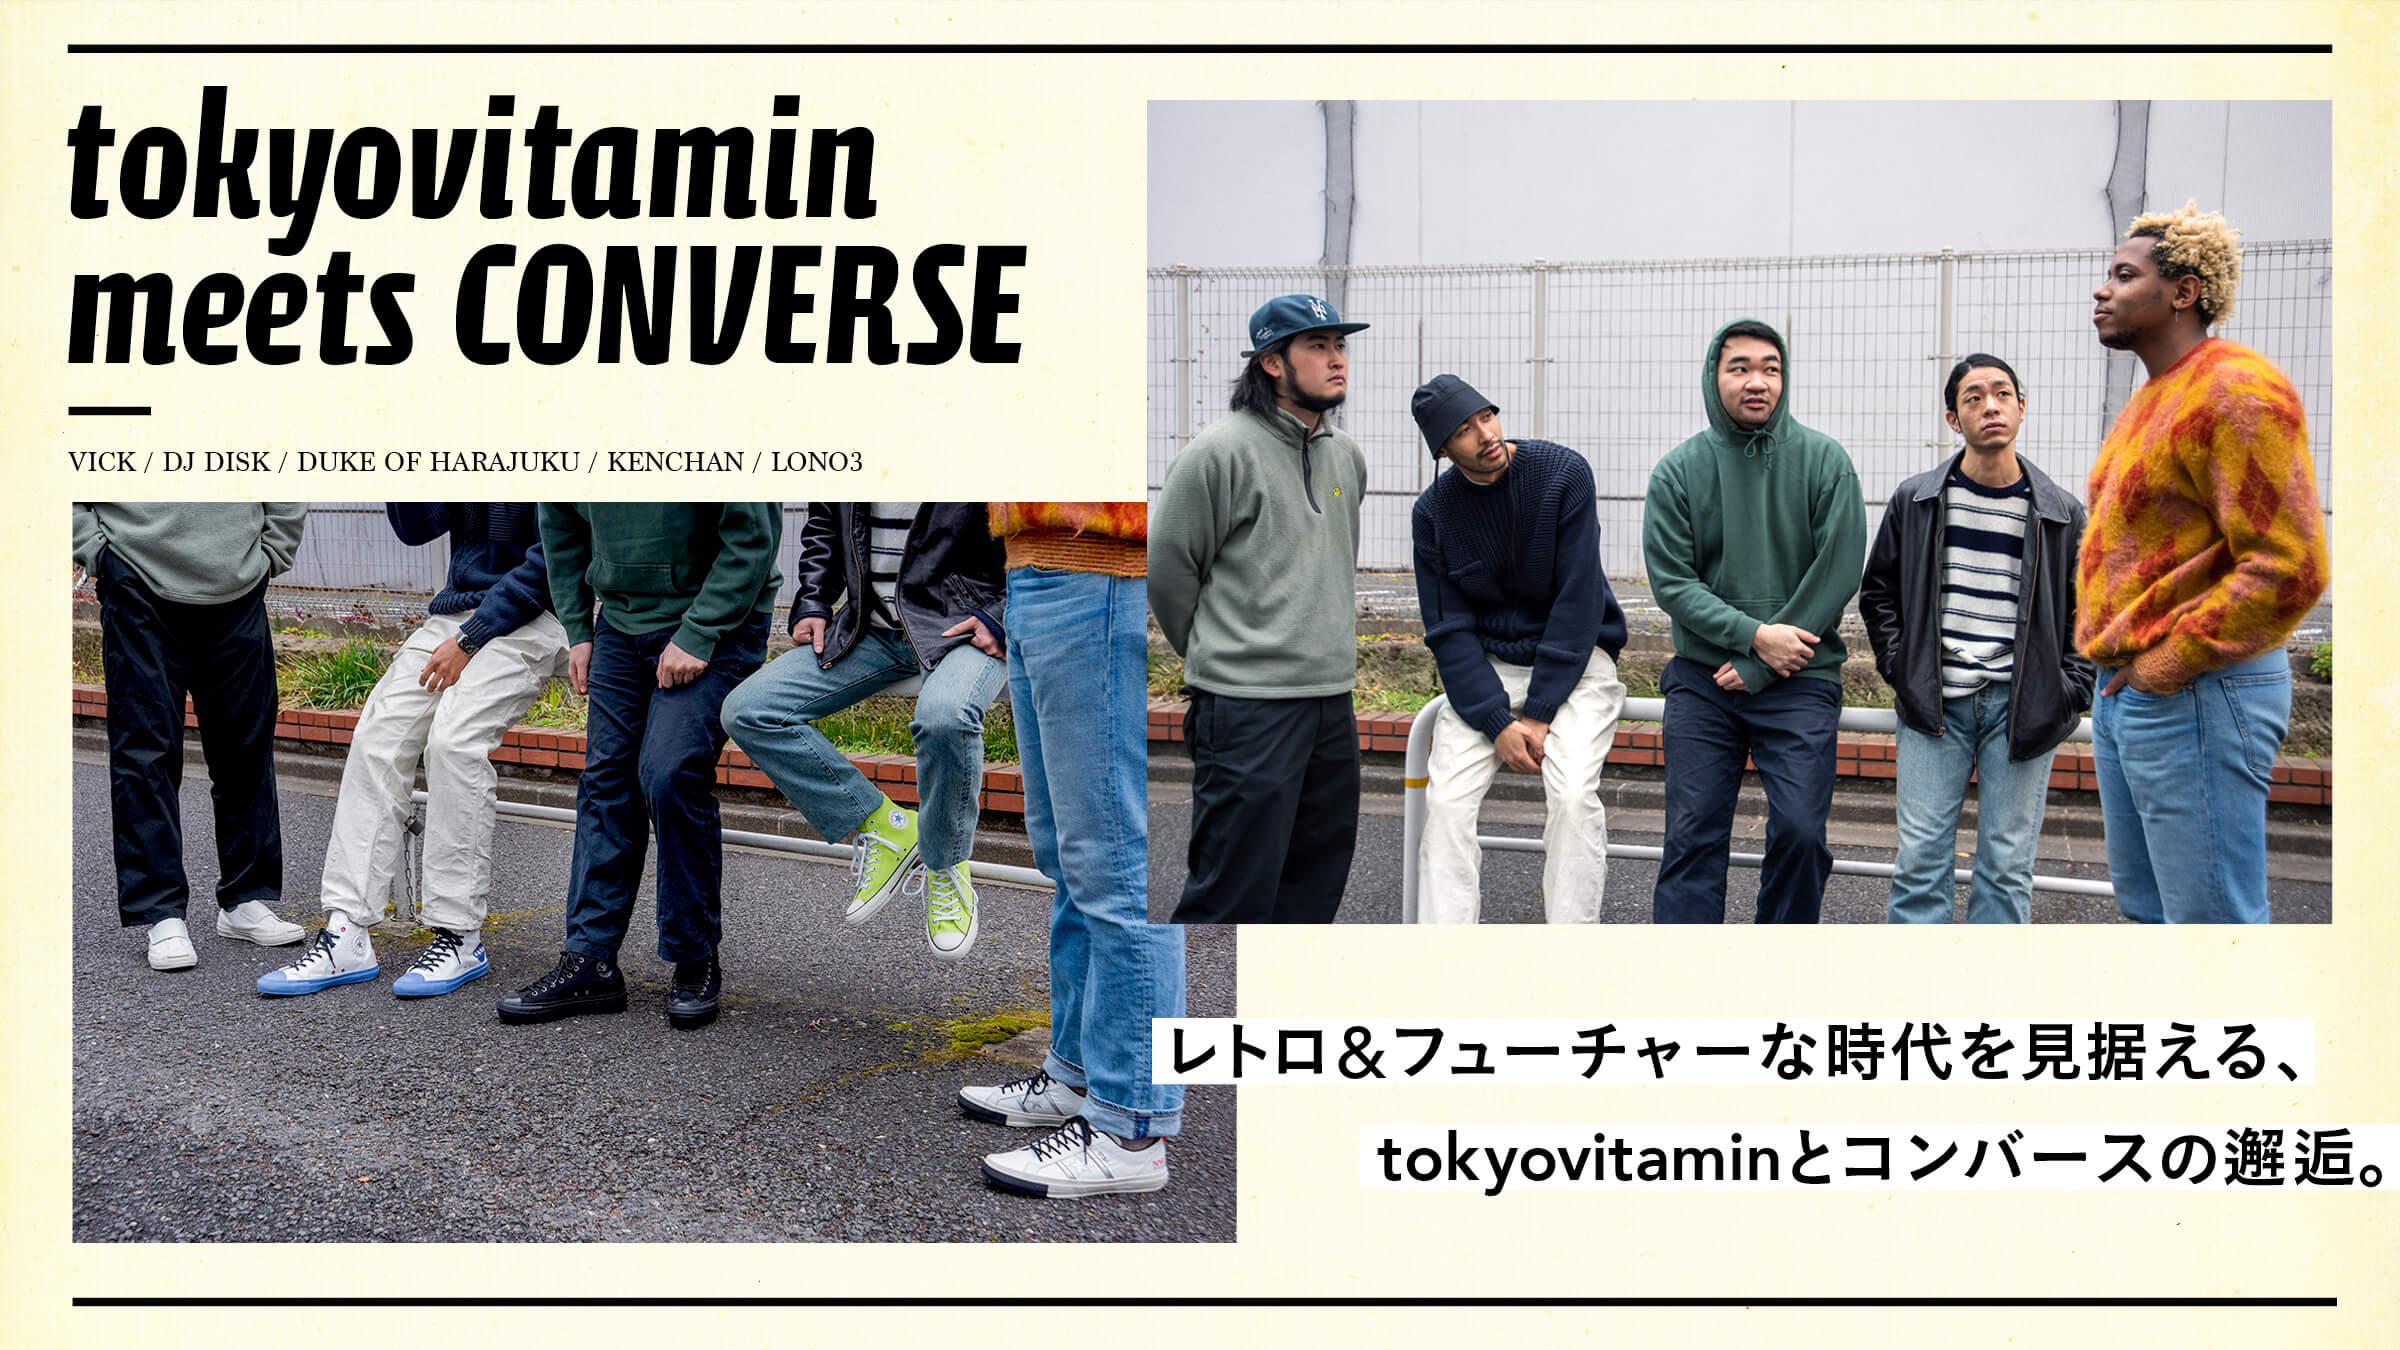 レトロ&フューチャーな時代を見据える、tokyovitaminとコンバースの邂逅。